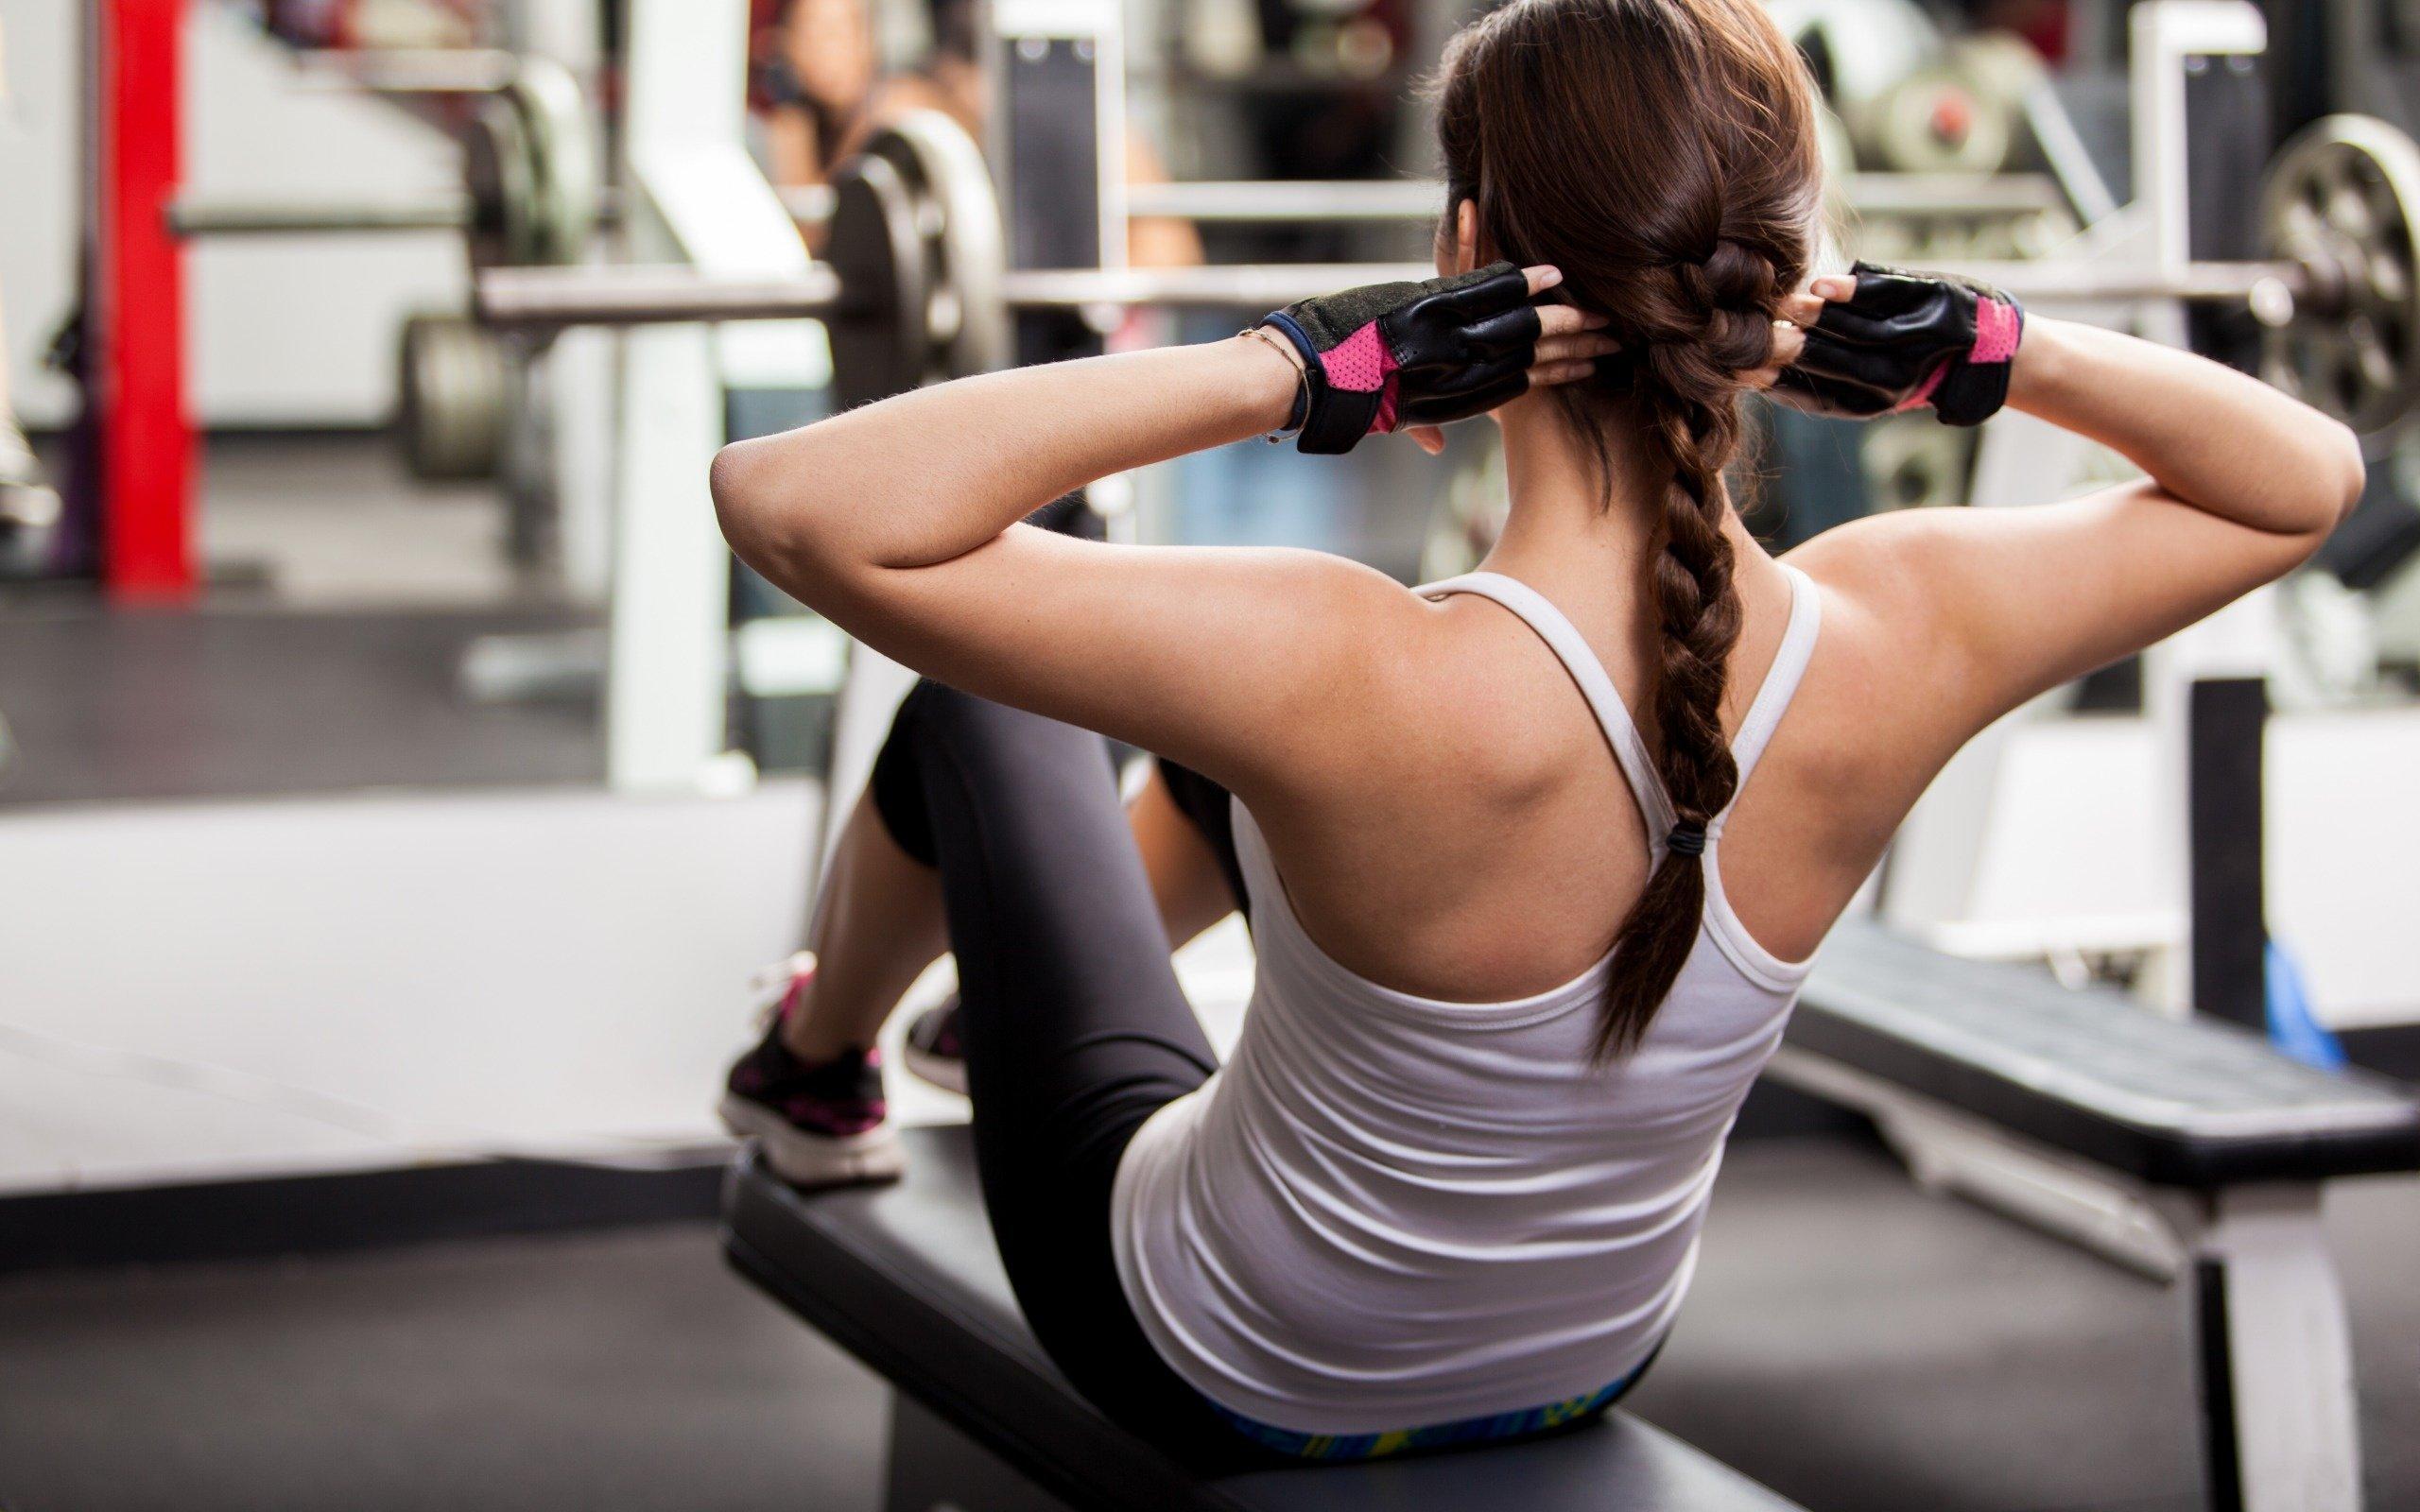 Ce poti face pentru a nu te abate de la programul de fitness